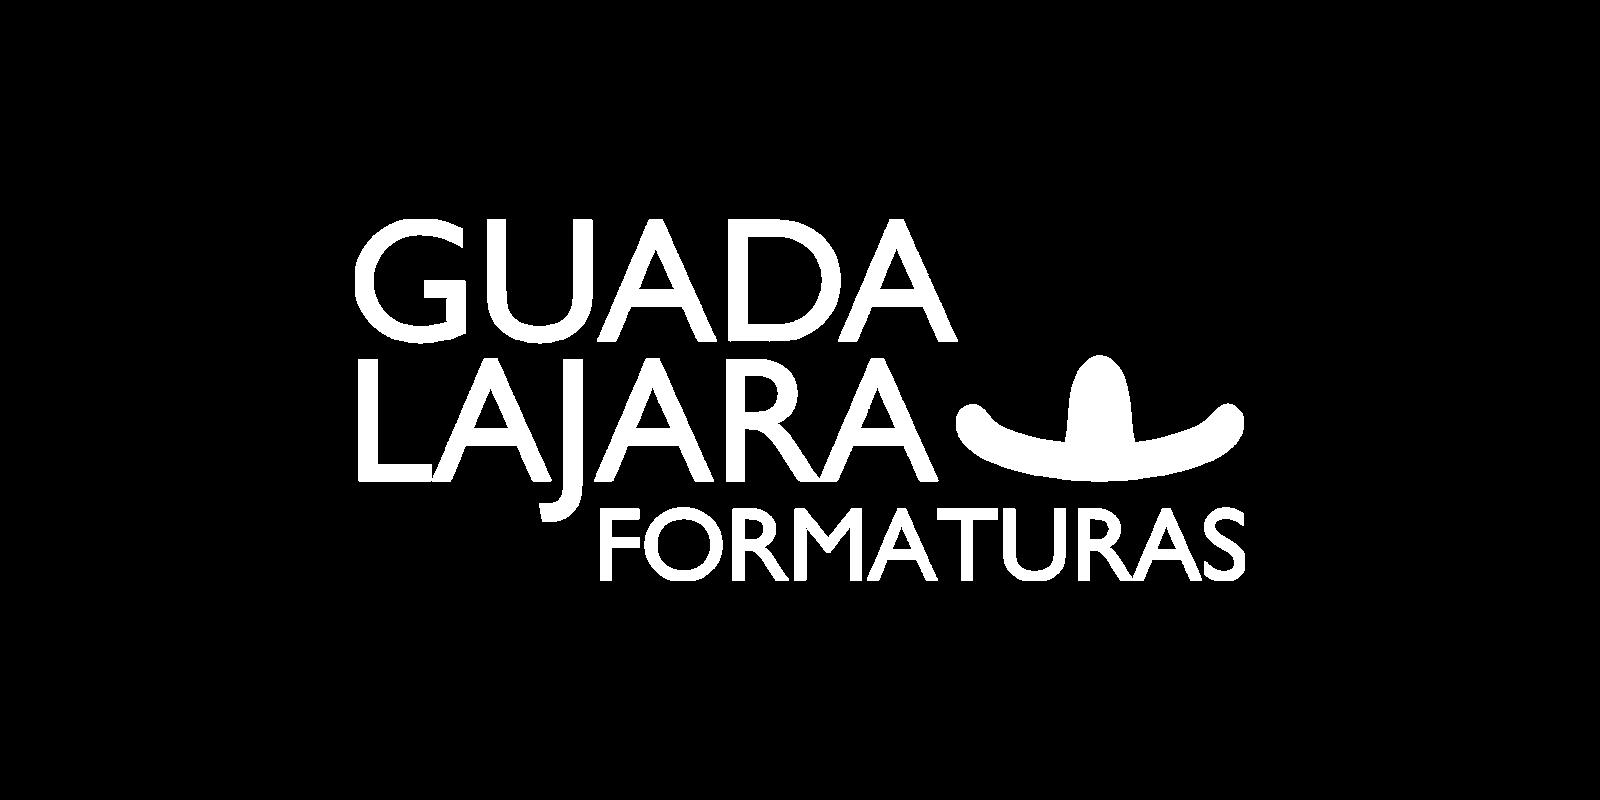 Guadalajara Formaturas